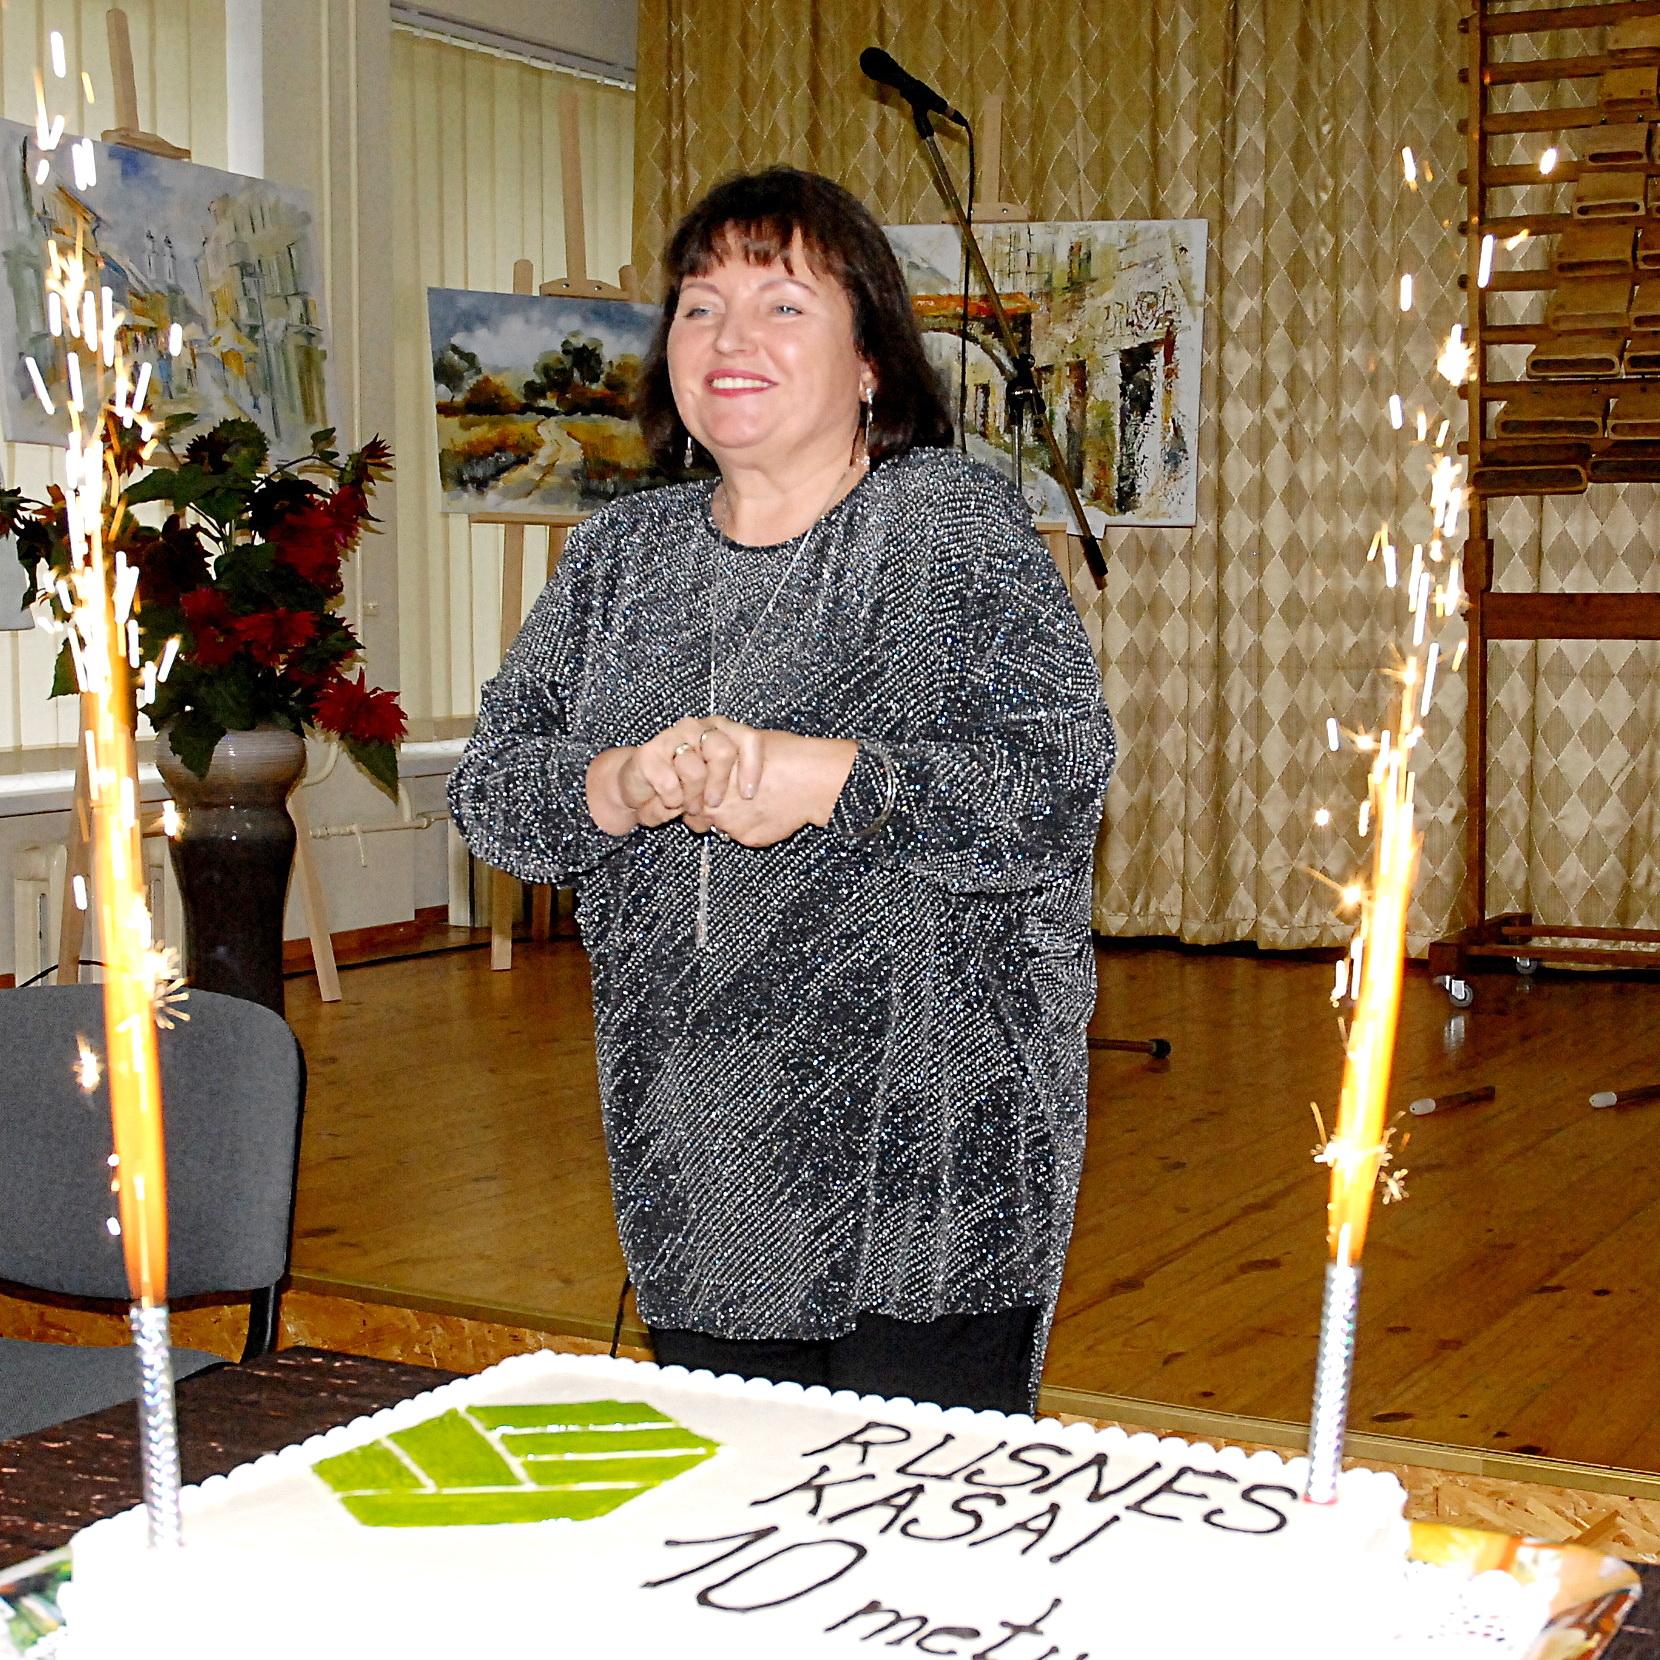 Šilutės kredito unijos Rusnės nuotolinės kasos kasininkė Audra Budginienė prie šventinio torto.